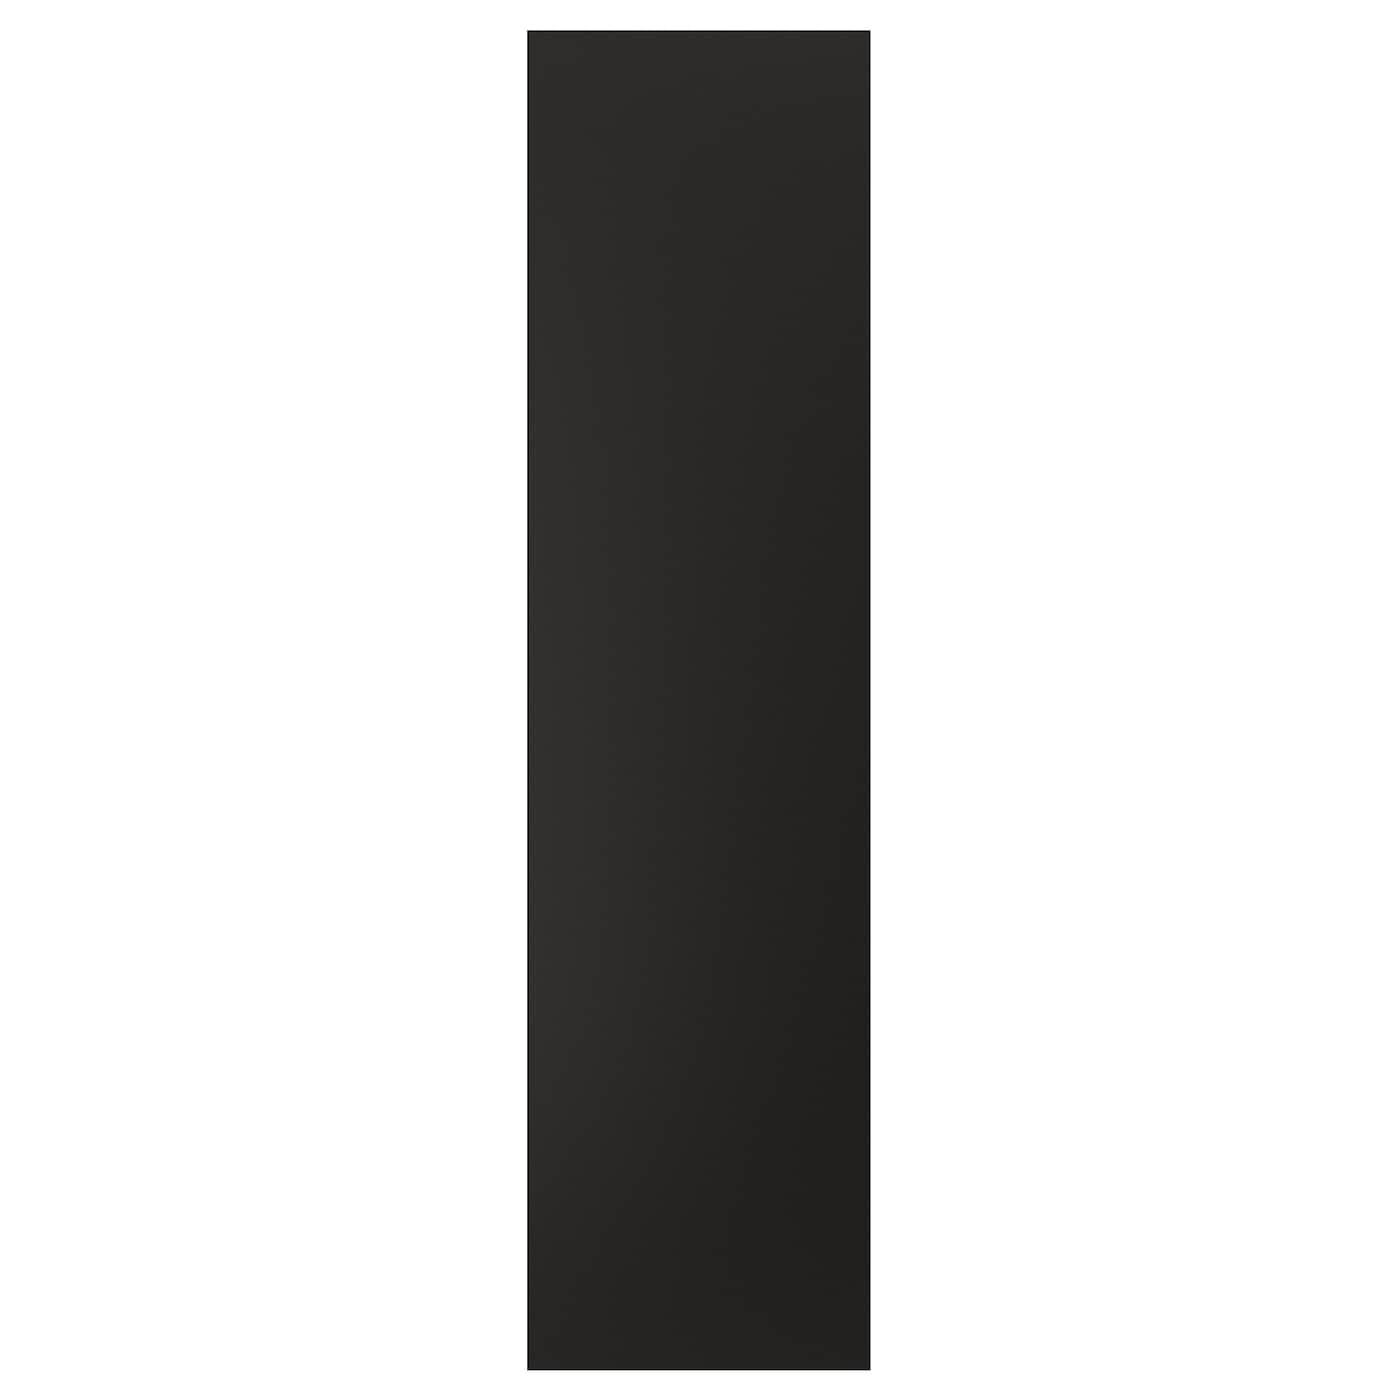 Full Size of Kreidetafel Ikea Uddevalla Deckseite Mit Kreidetafeloberflche Anthrazit Küche Kaufen Betten 160x200 Miniküche Sofa Schlaffunktion Modulküche Bei Kosten Wohnzimmer Kreidetafel Ikea